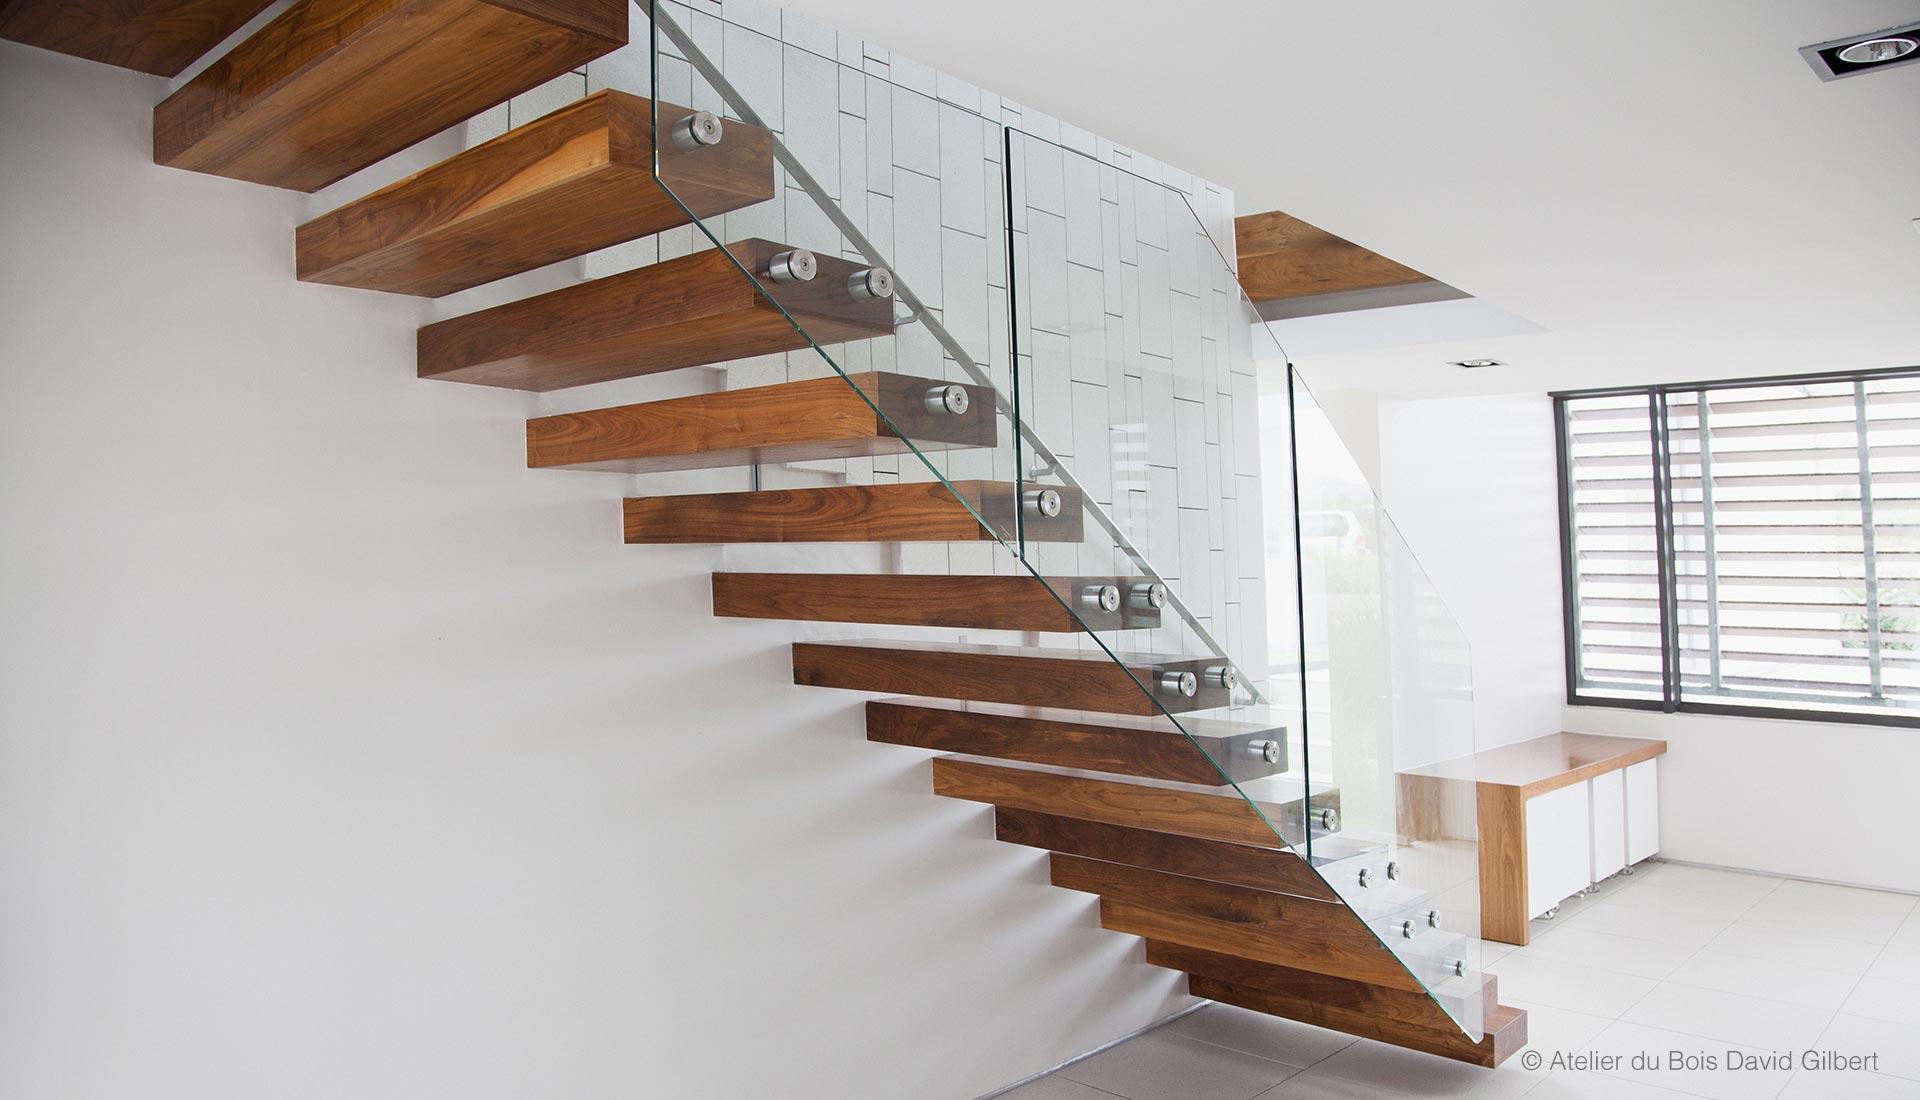 escalier bois et verre escaliers deparis escaliers en bois sur mesure ile de france fabrication. Black Bedroom Furniture Sets. Home Design Ideas